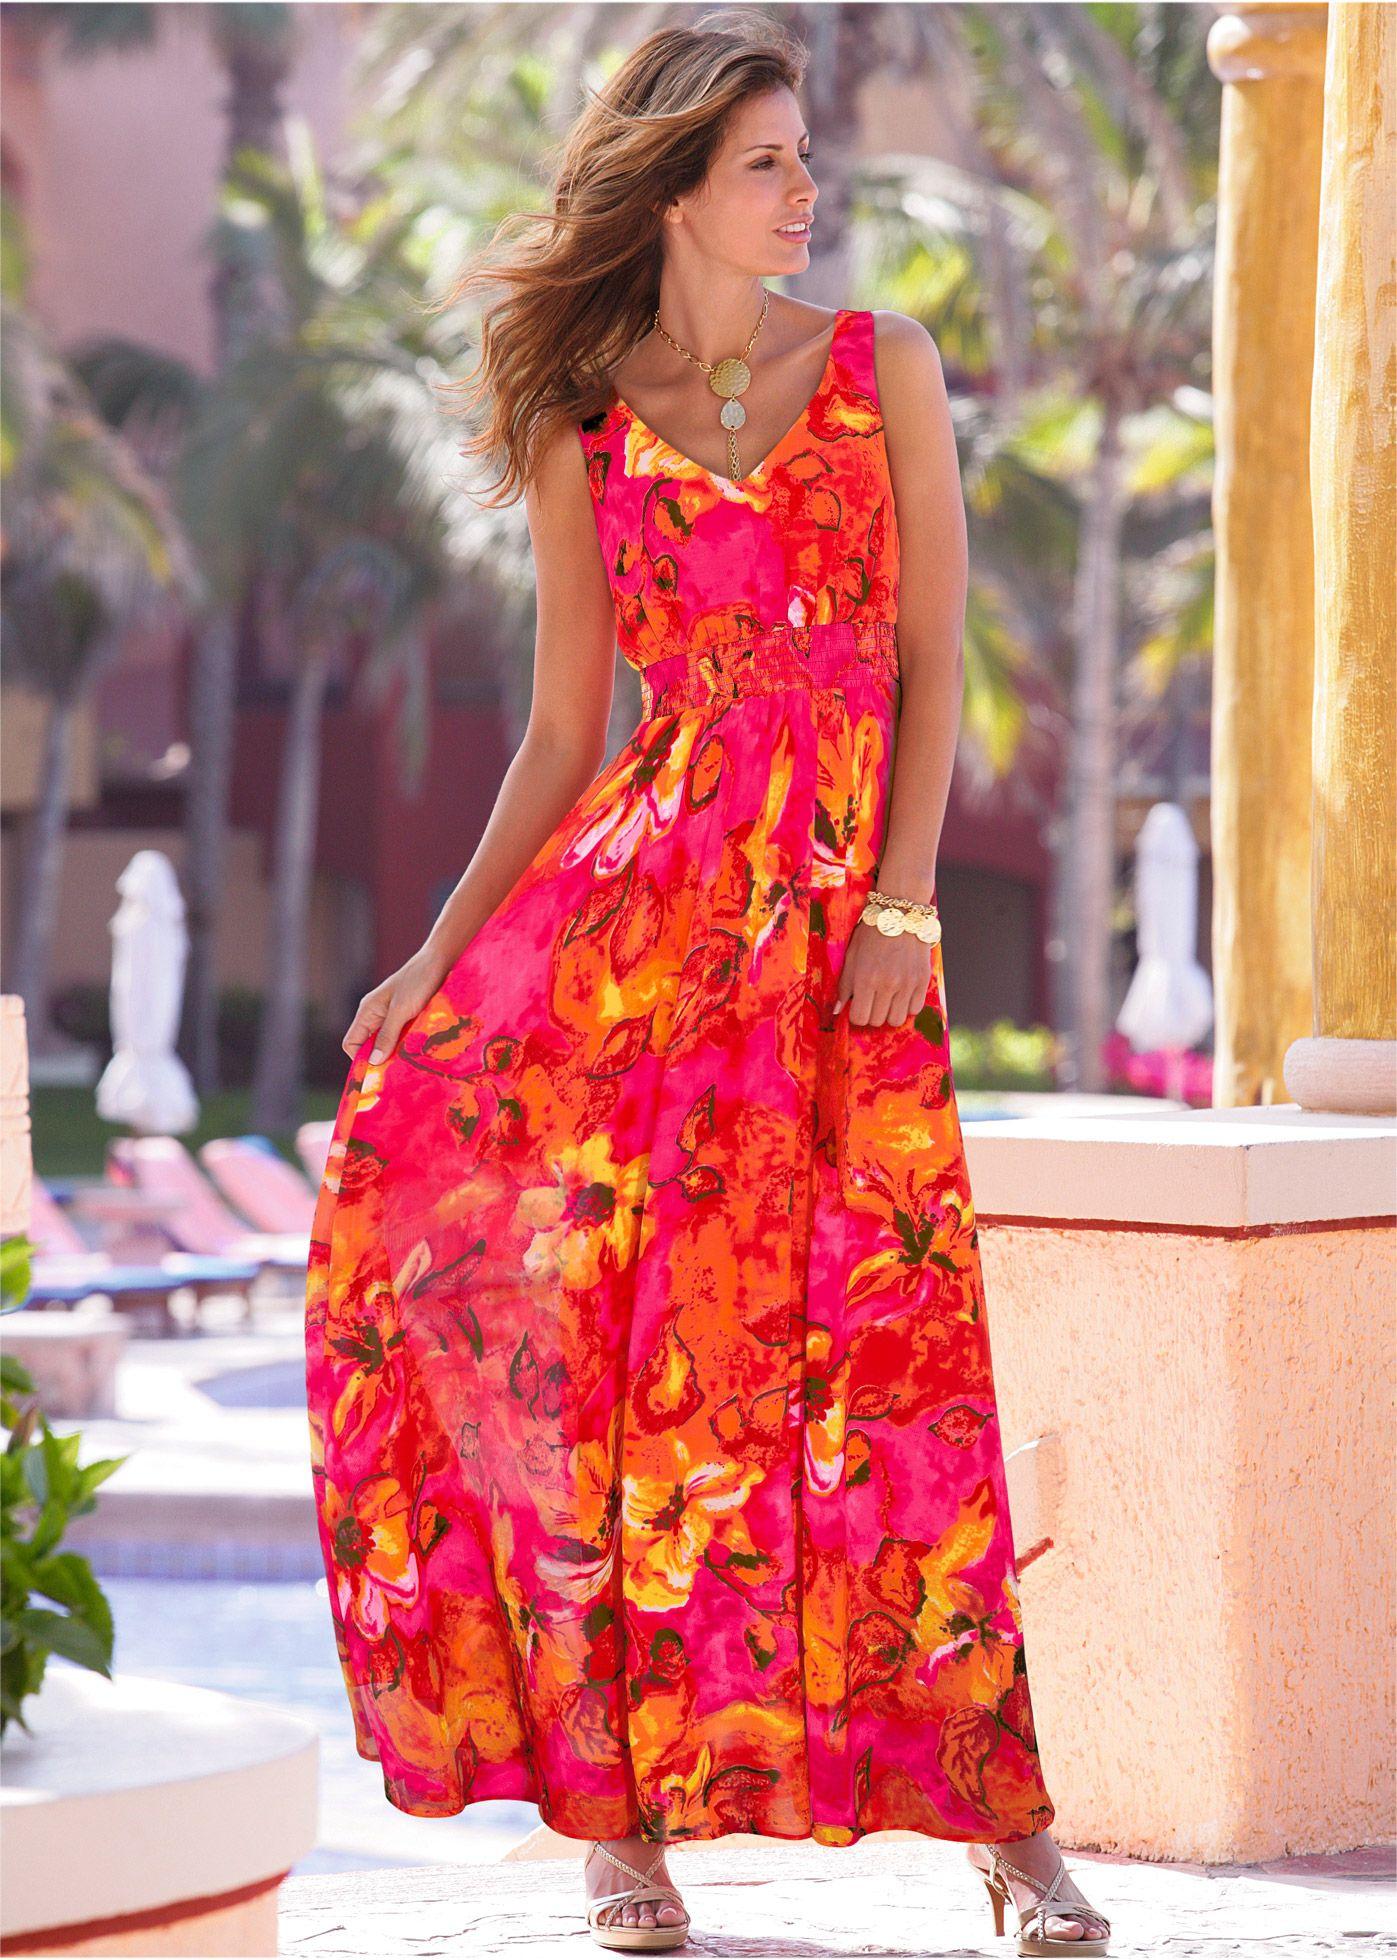 Платье, bpc selection, горячий ярко-розовый с рисунком